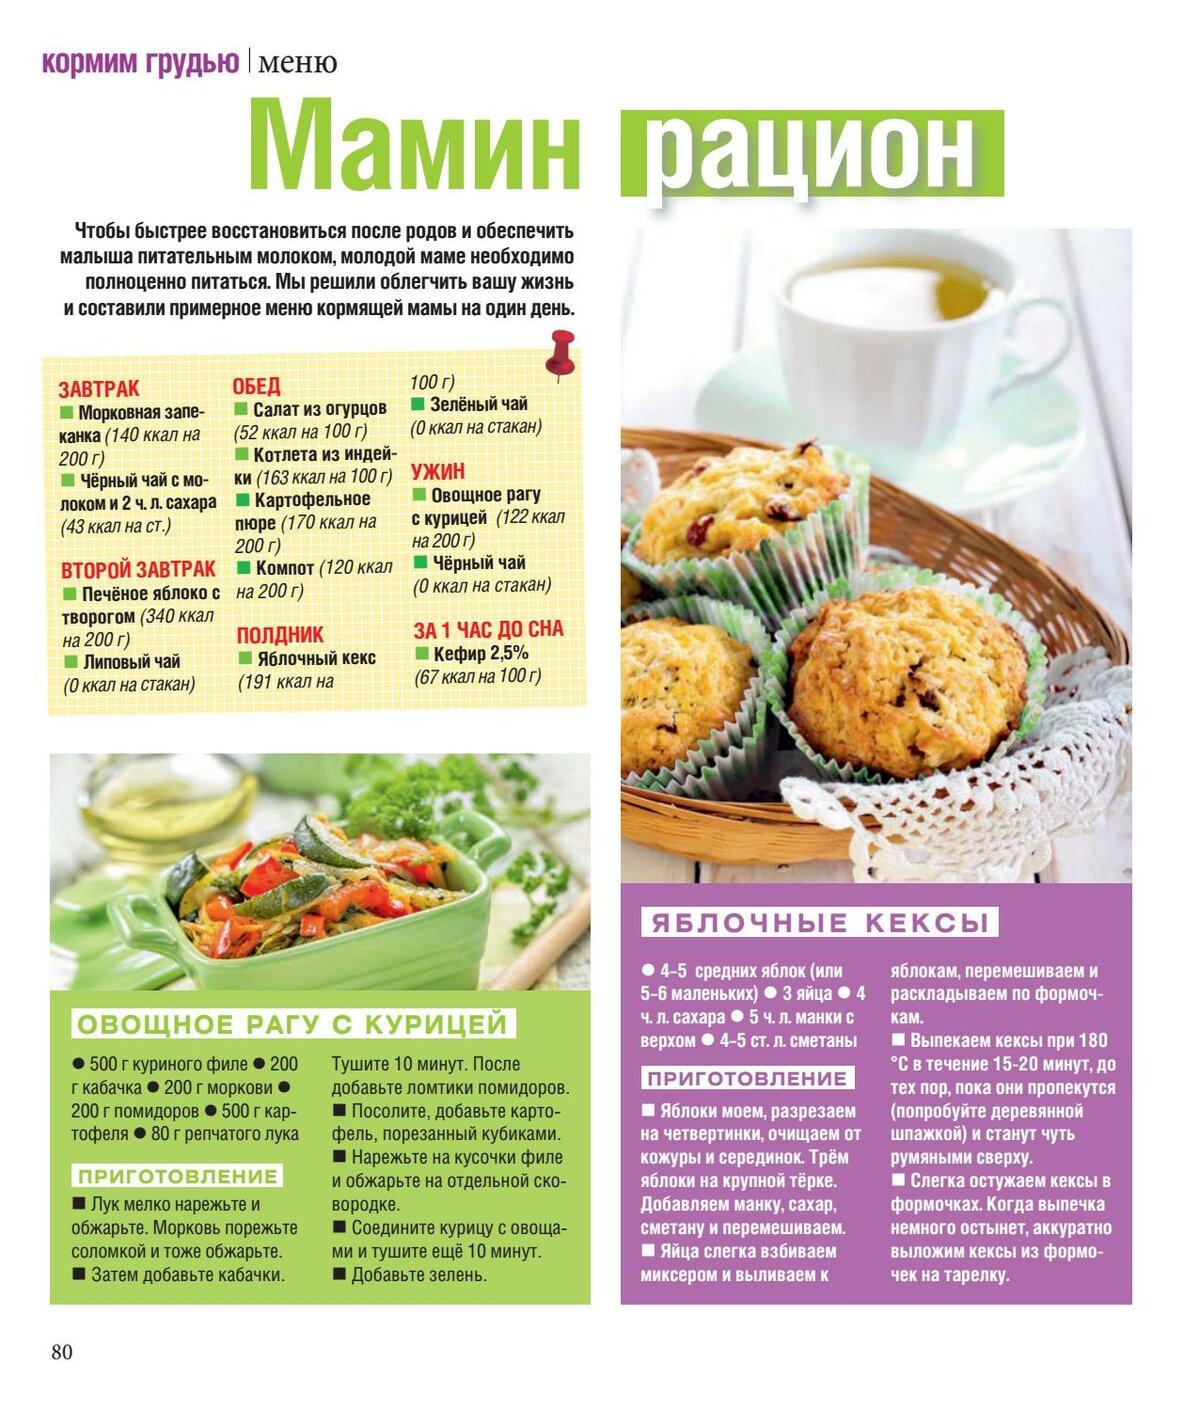 Диета для кормящих меню